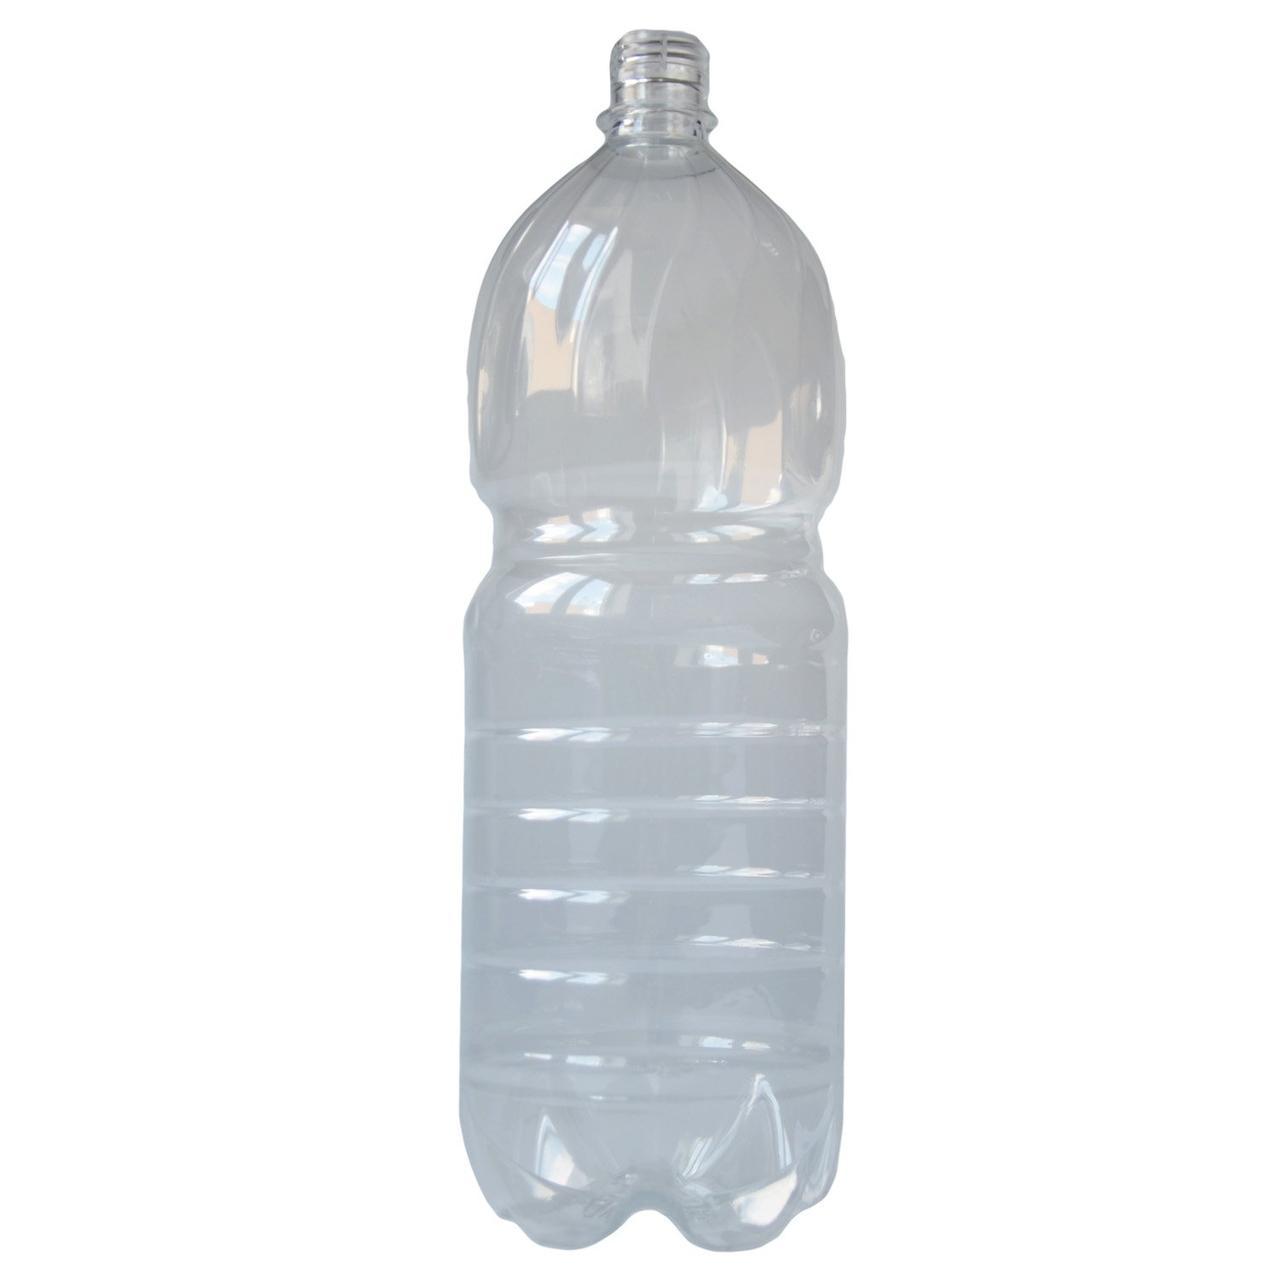 ПЭТ бутылка, прозрачная., 2 л с крышкой, 40 шт